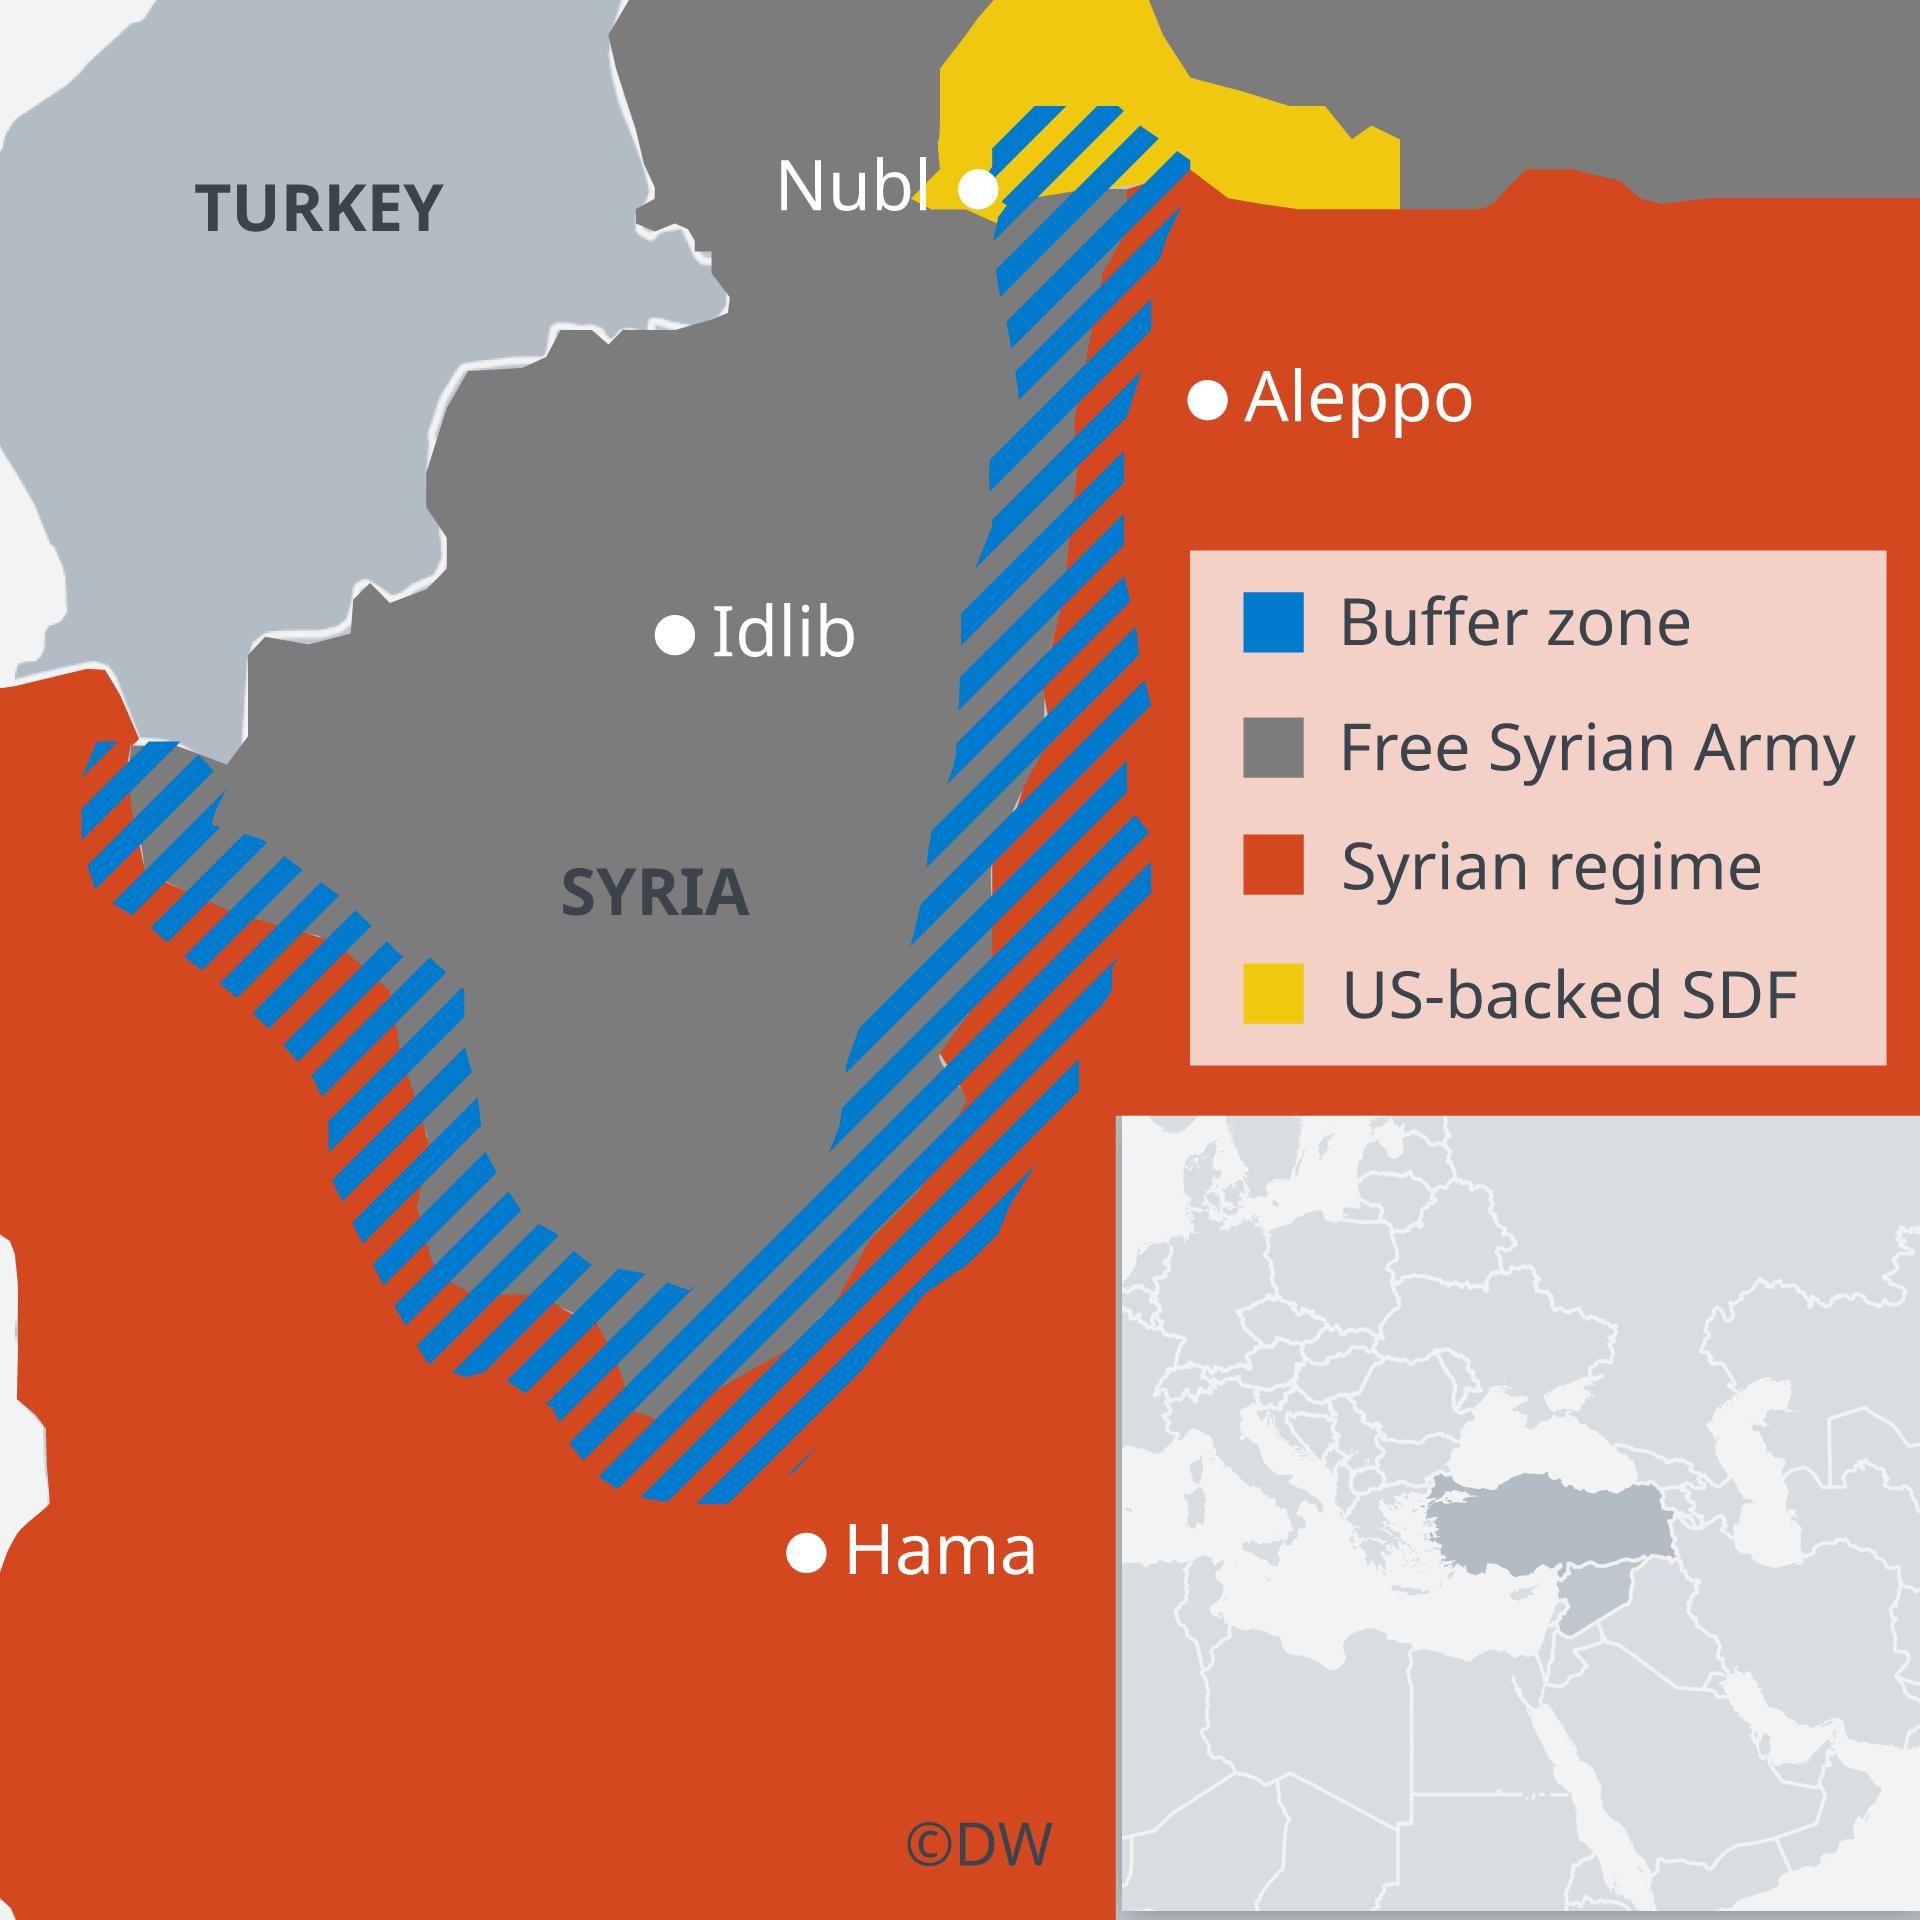 Map showing the buffer zone EN